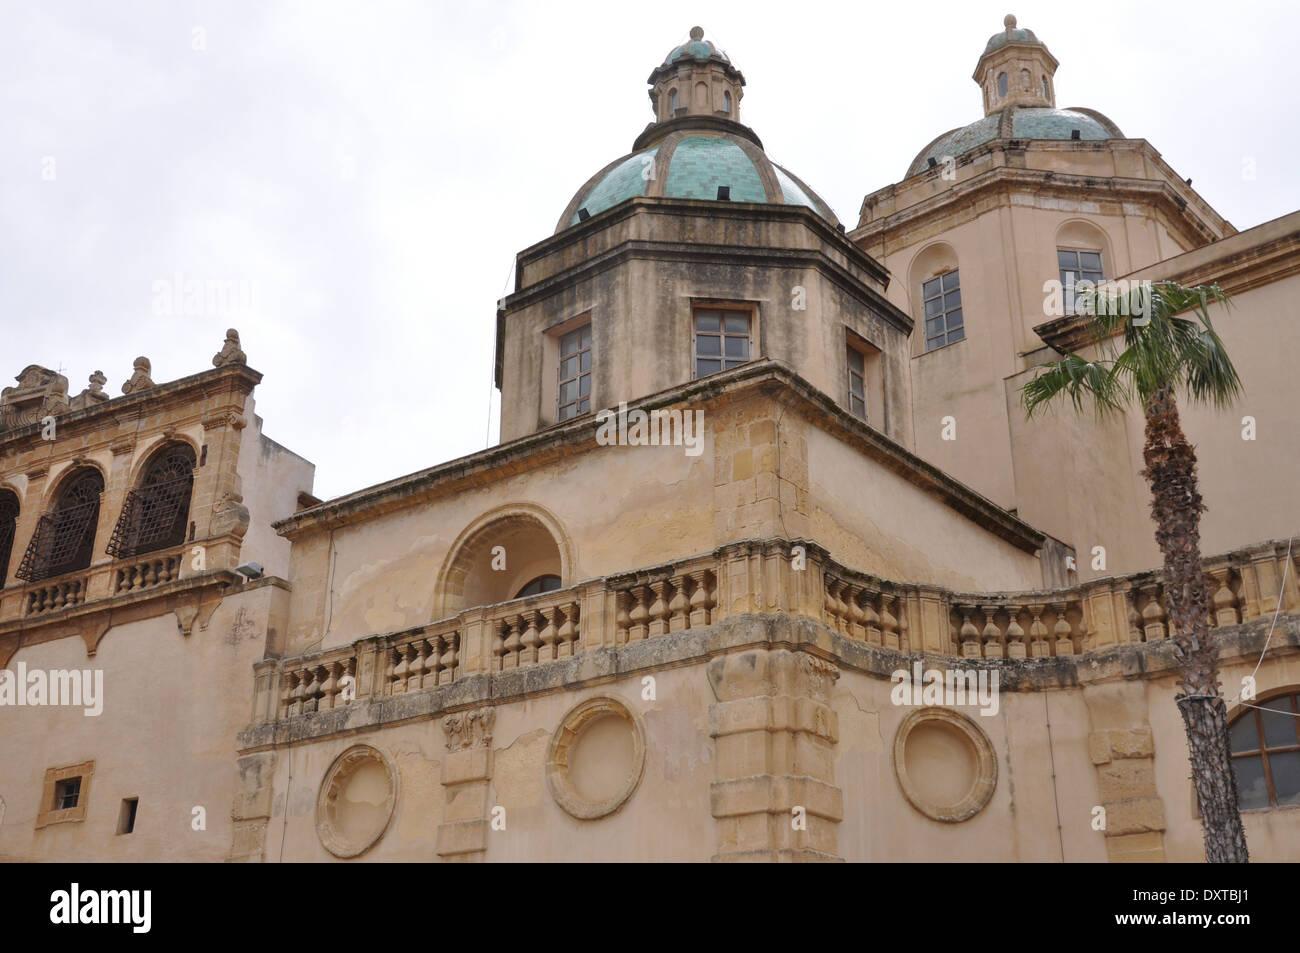 Cattedrale San Salvatore, Mazara del Vallo, Trapani, Sicily, Italy - Stock Image